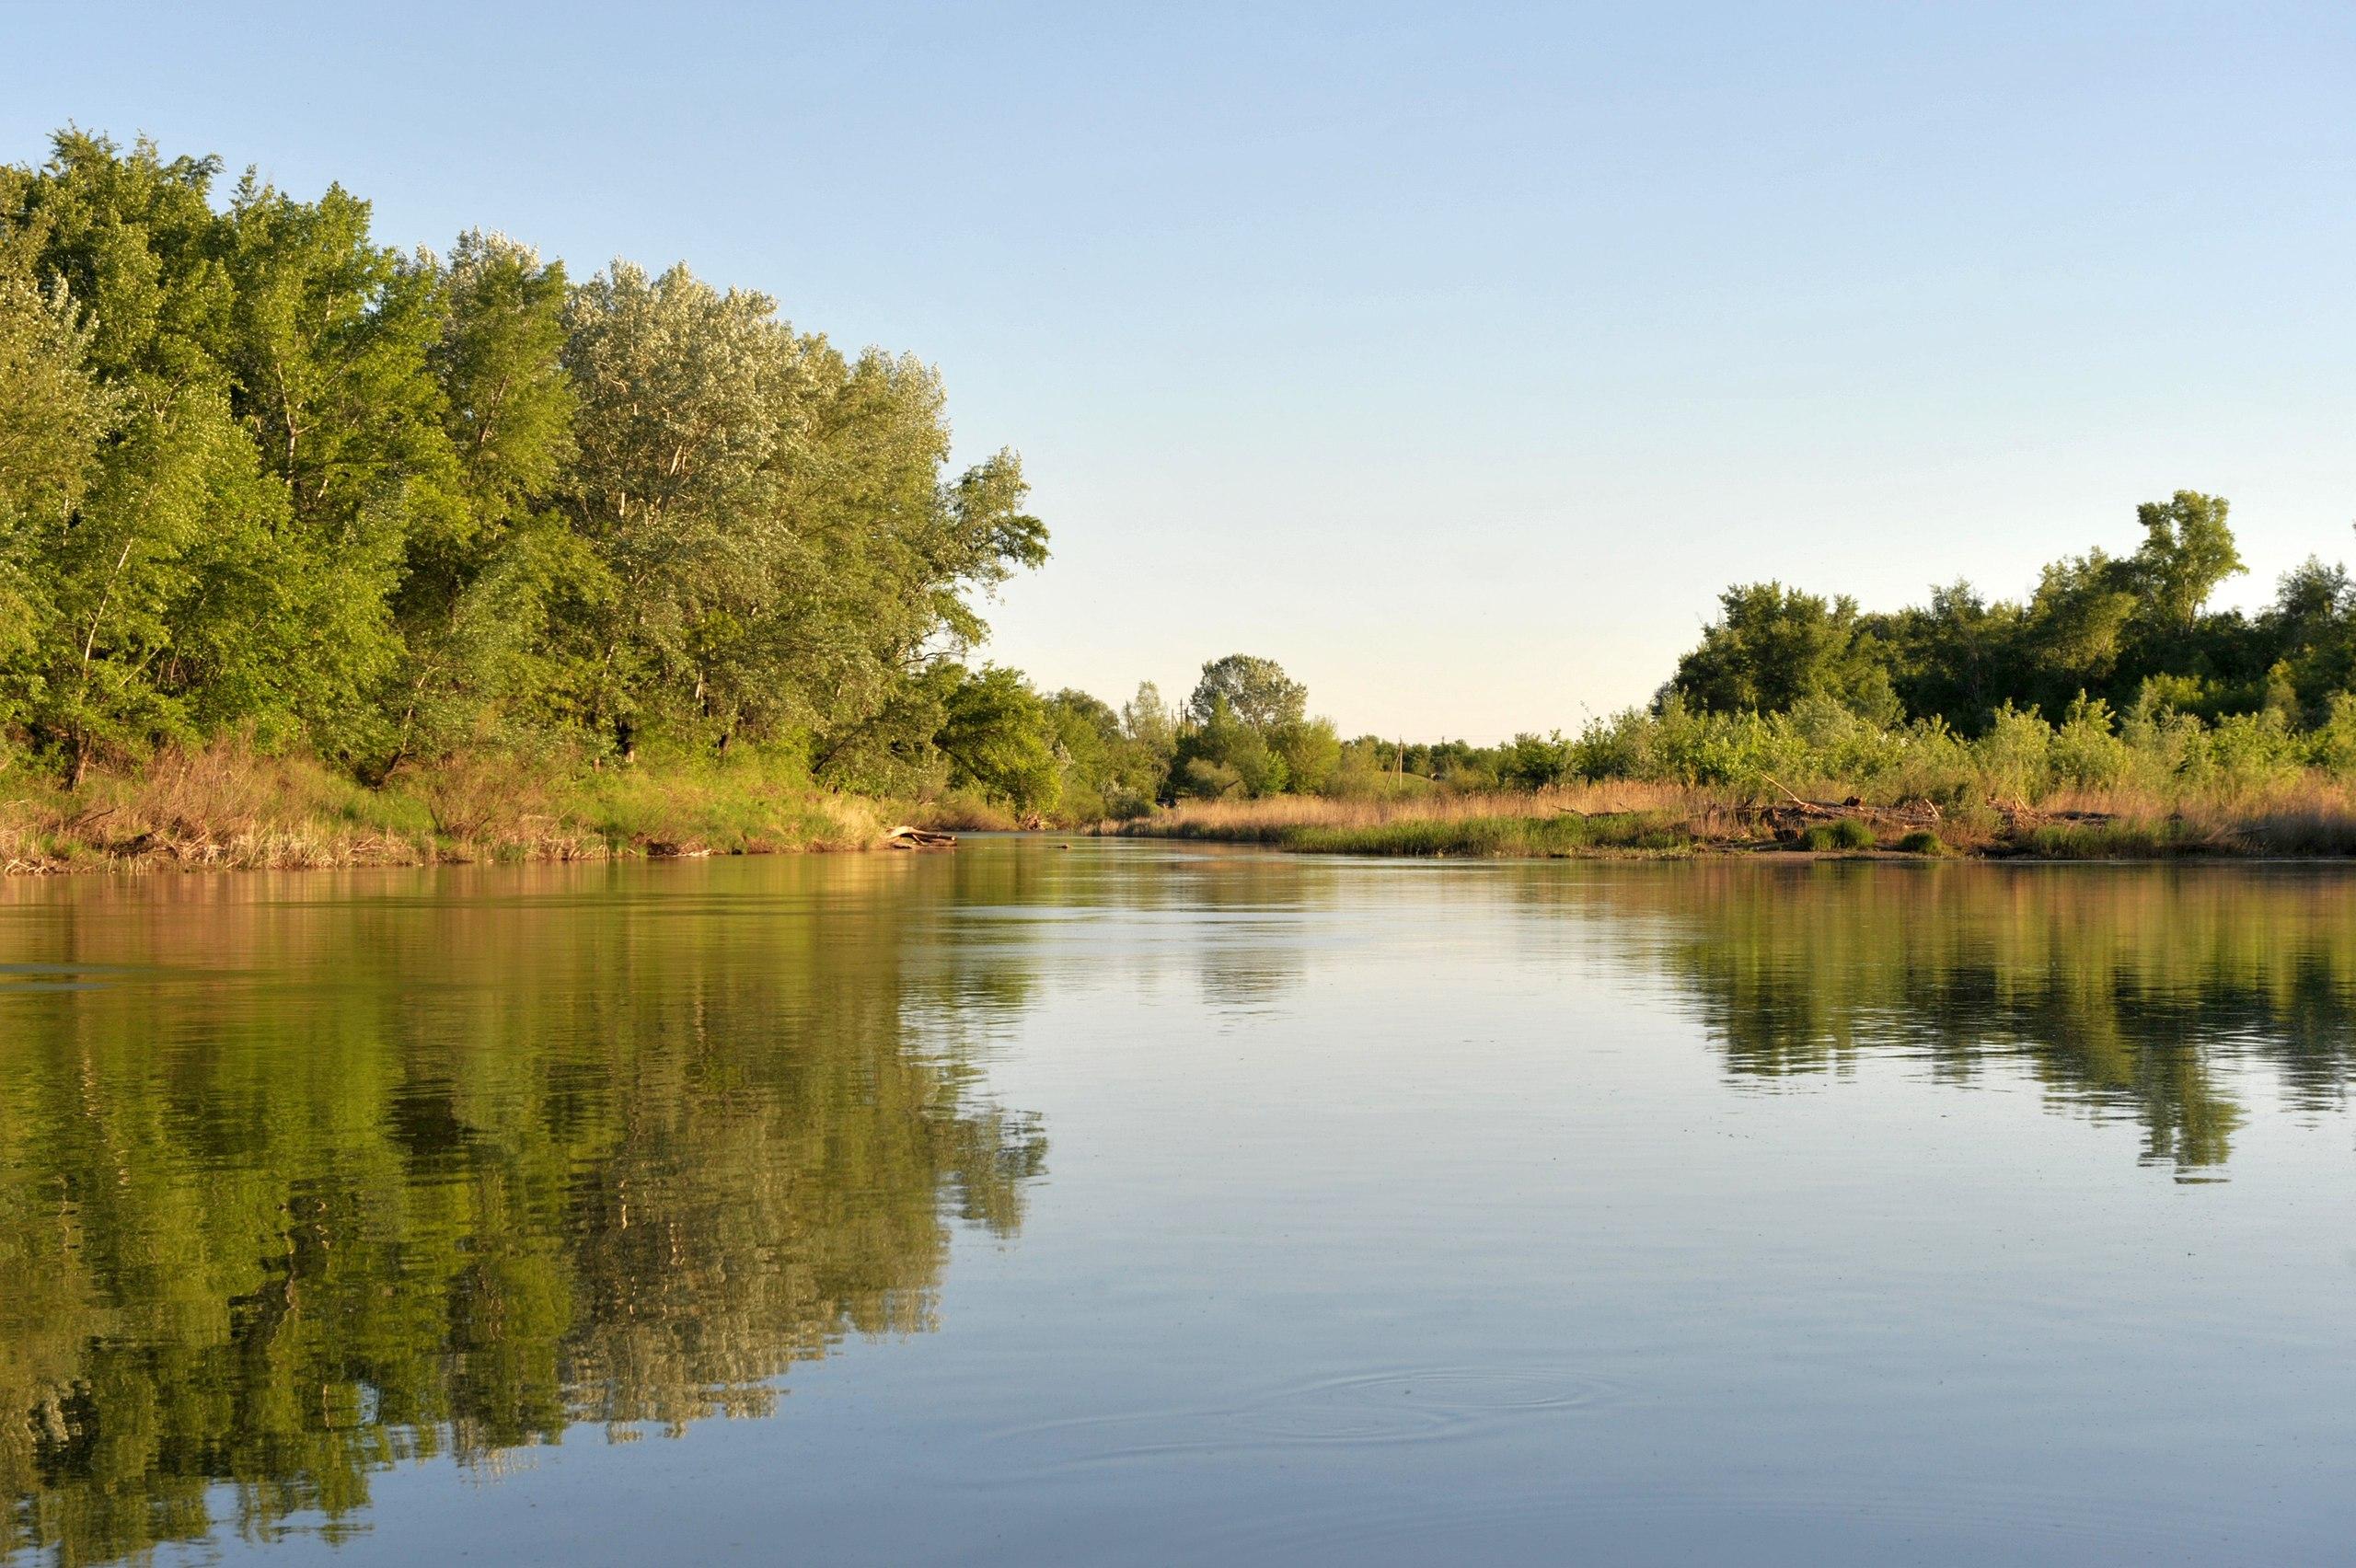 Фото реки урал в оренбурге